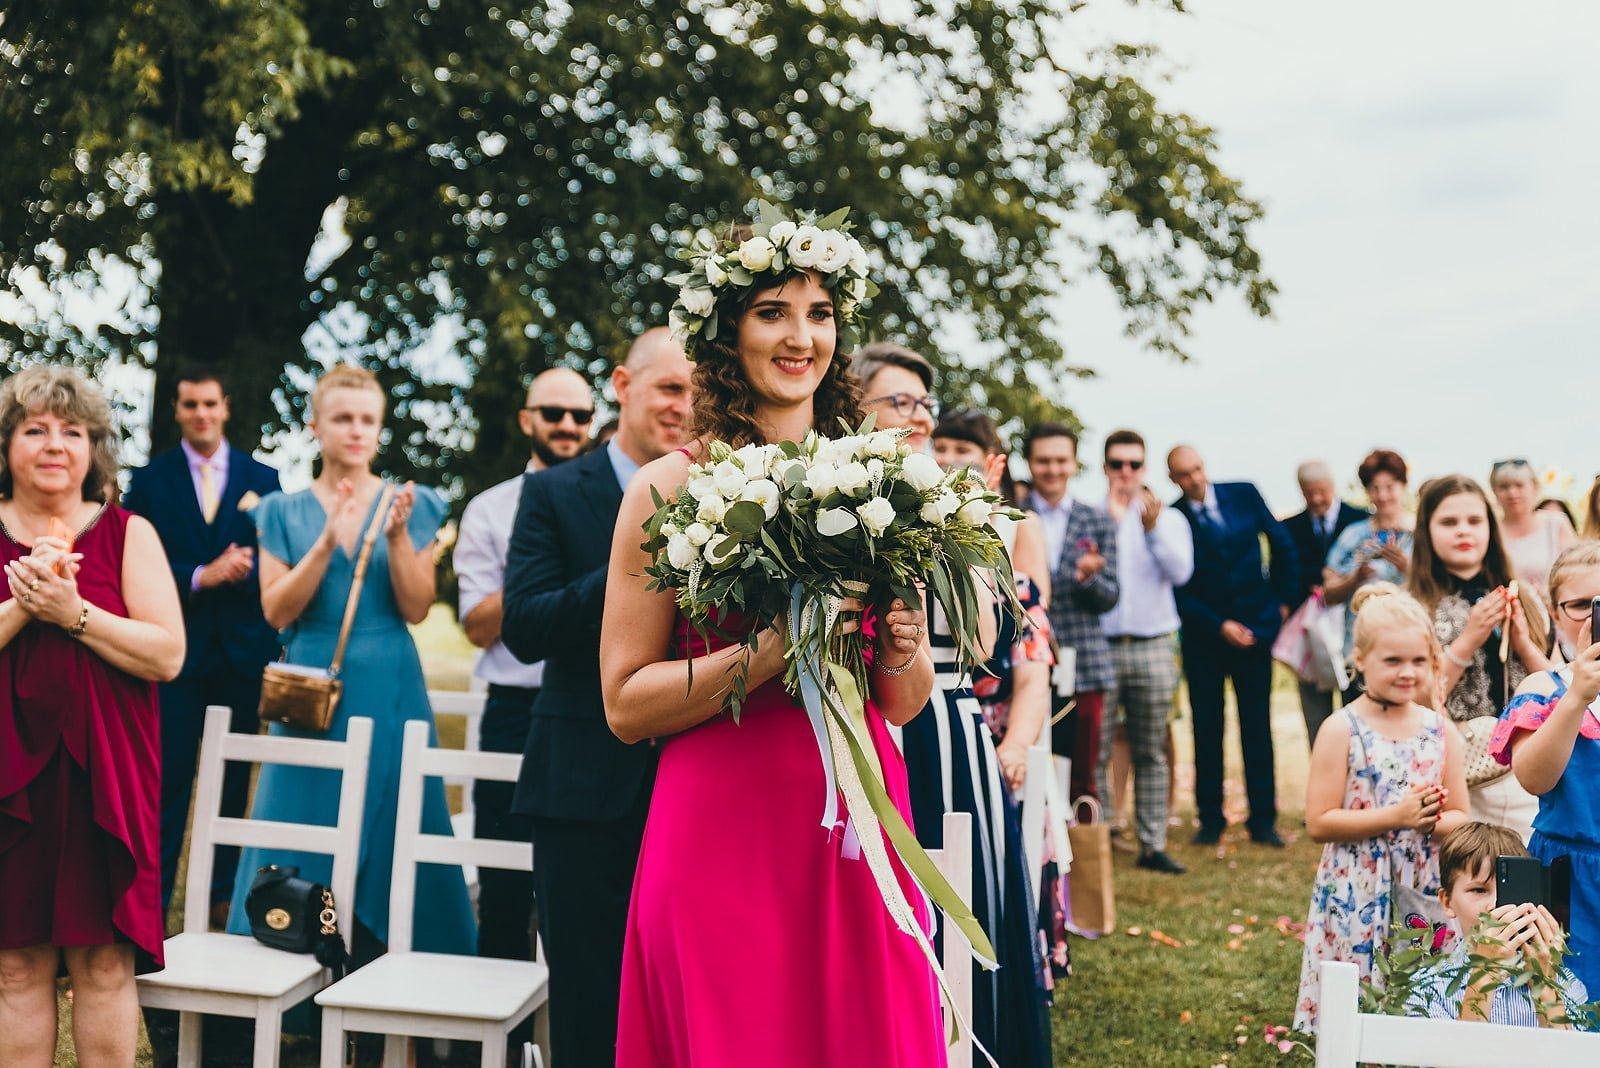 Justyna i Szymon - plenerowy ślub w stylu boho 44